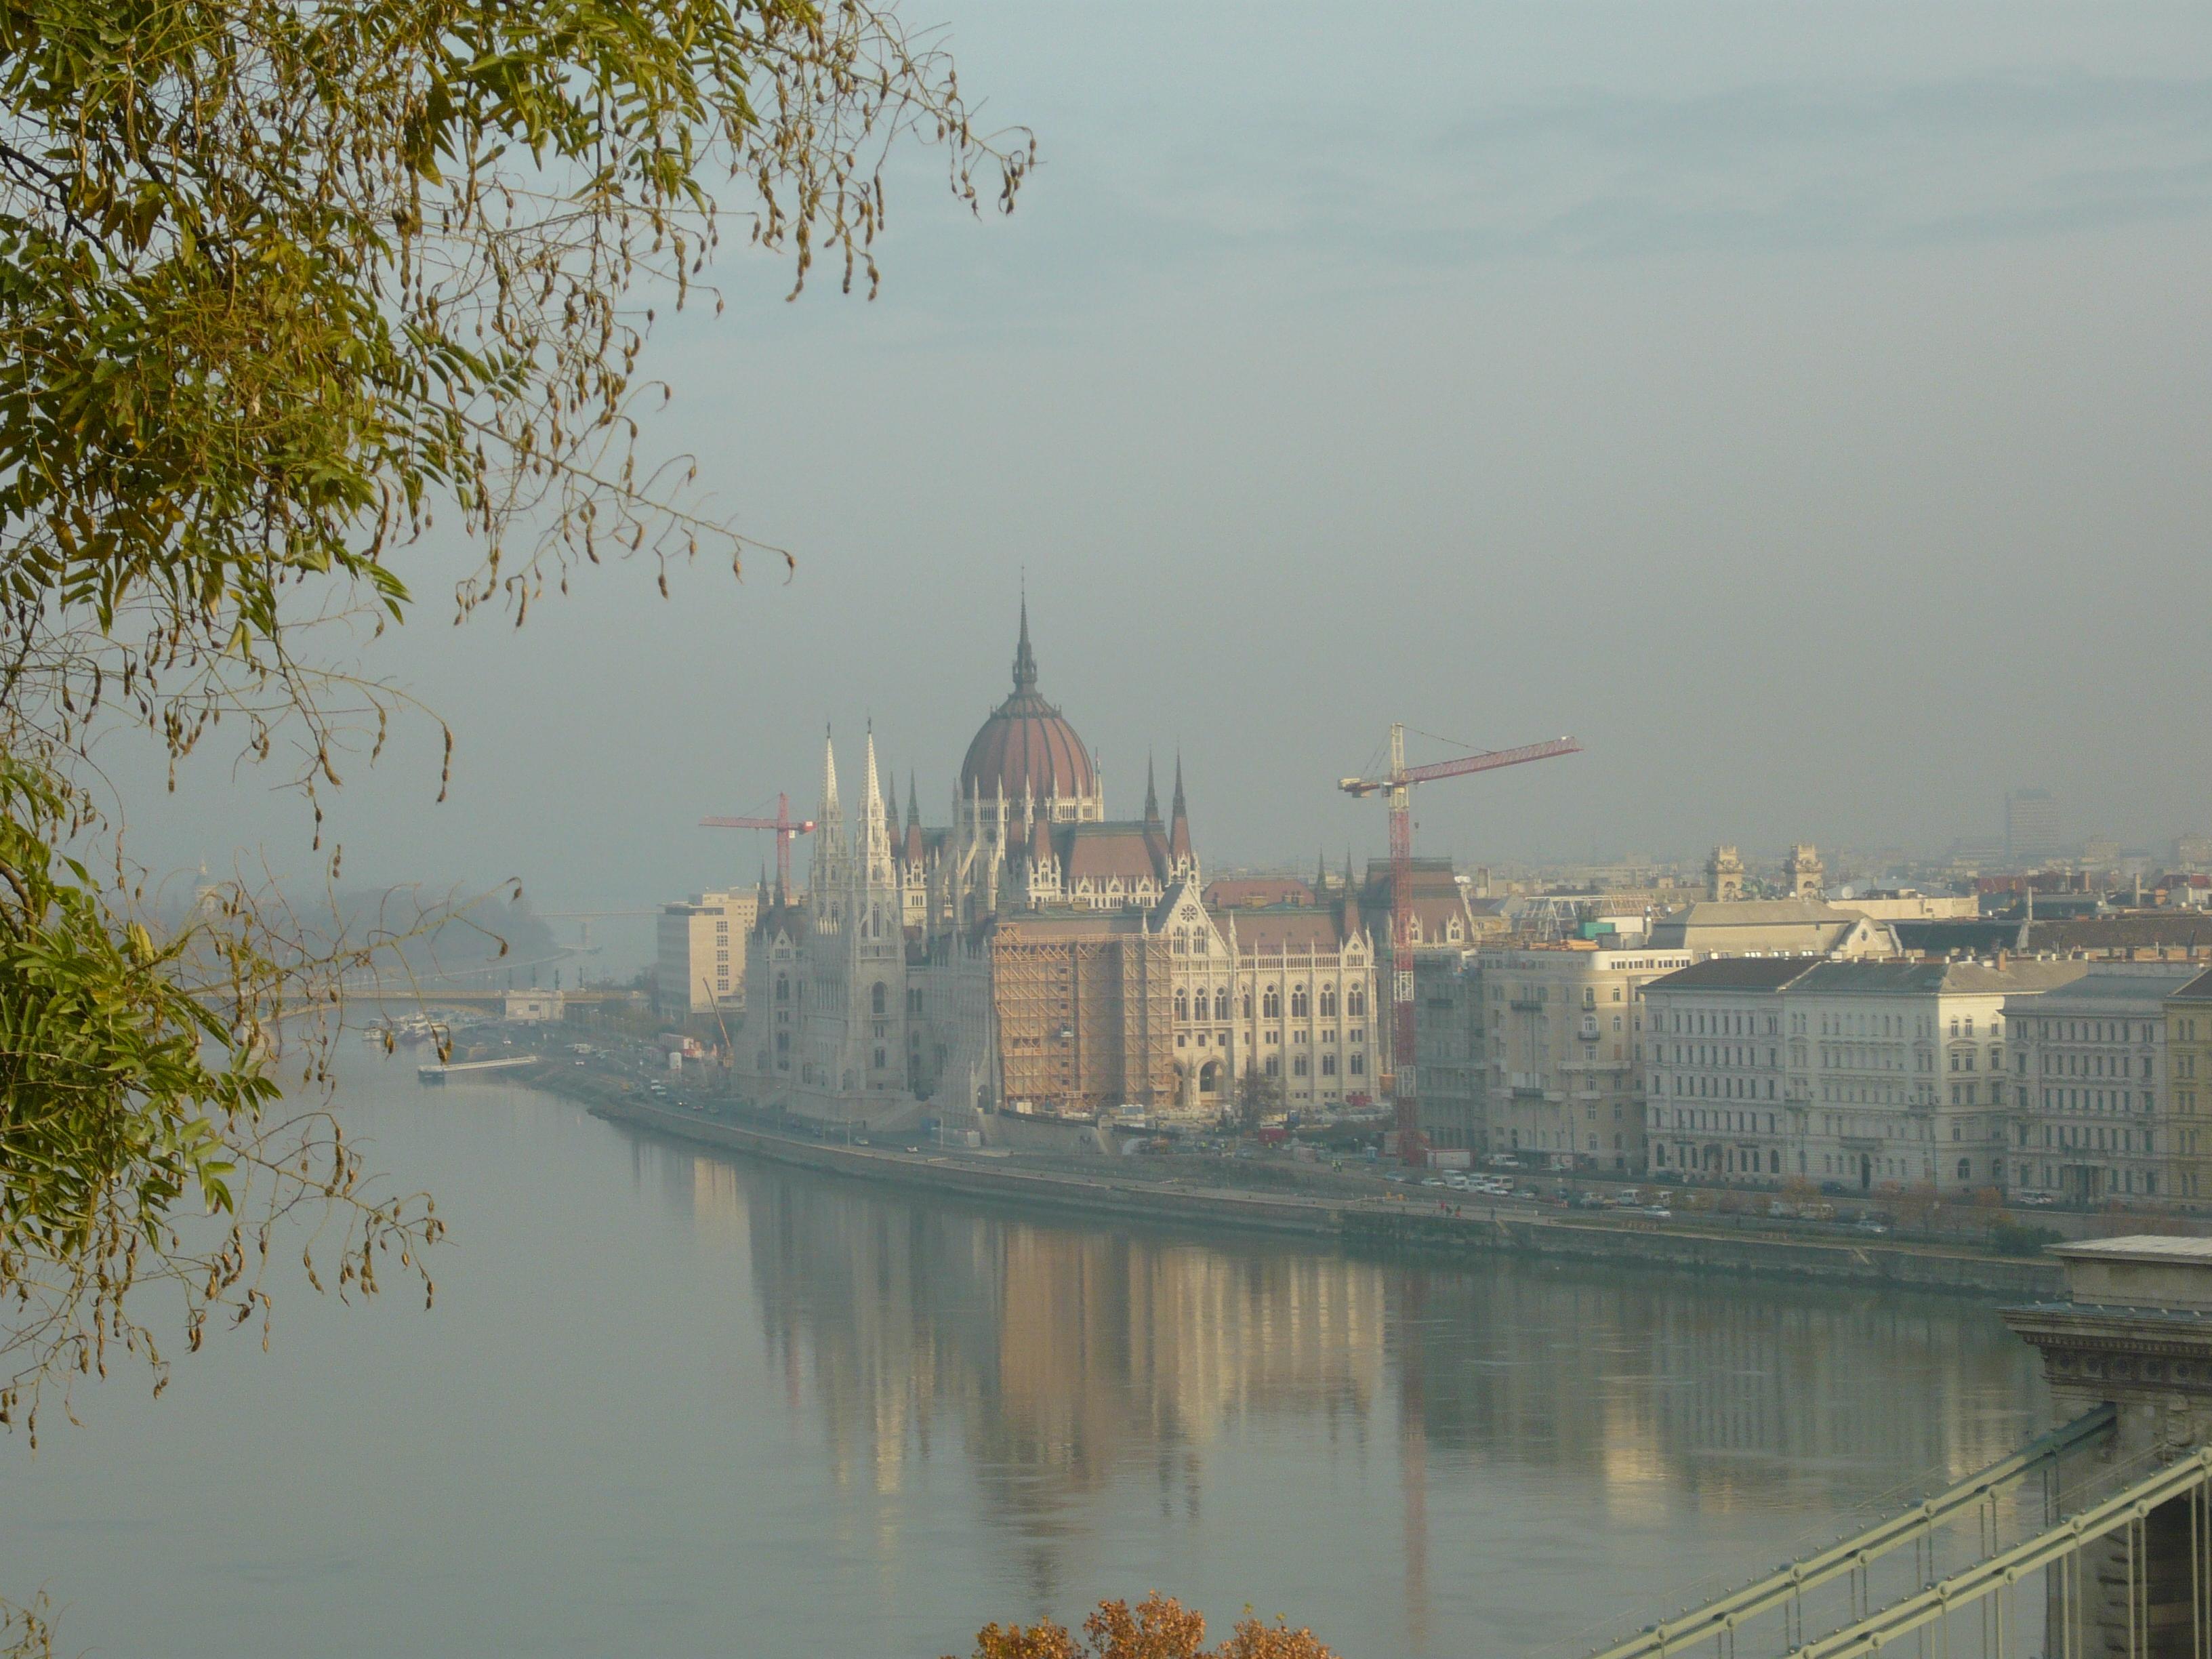 Будапешт-город с мужской энергетикой.